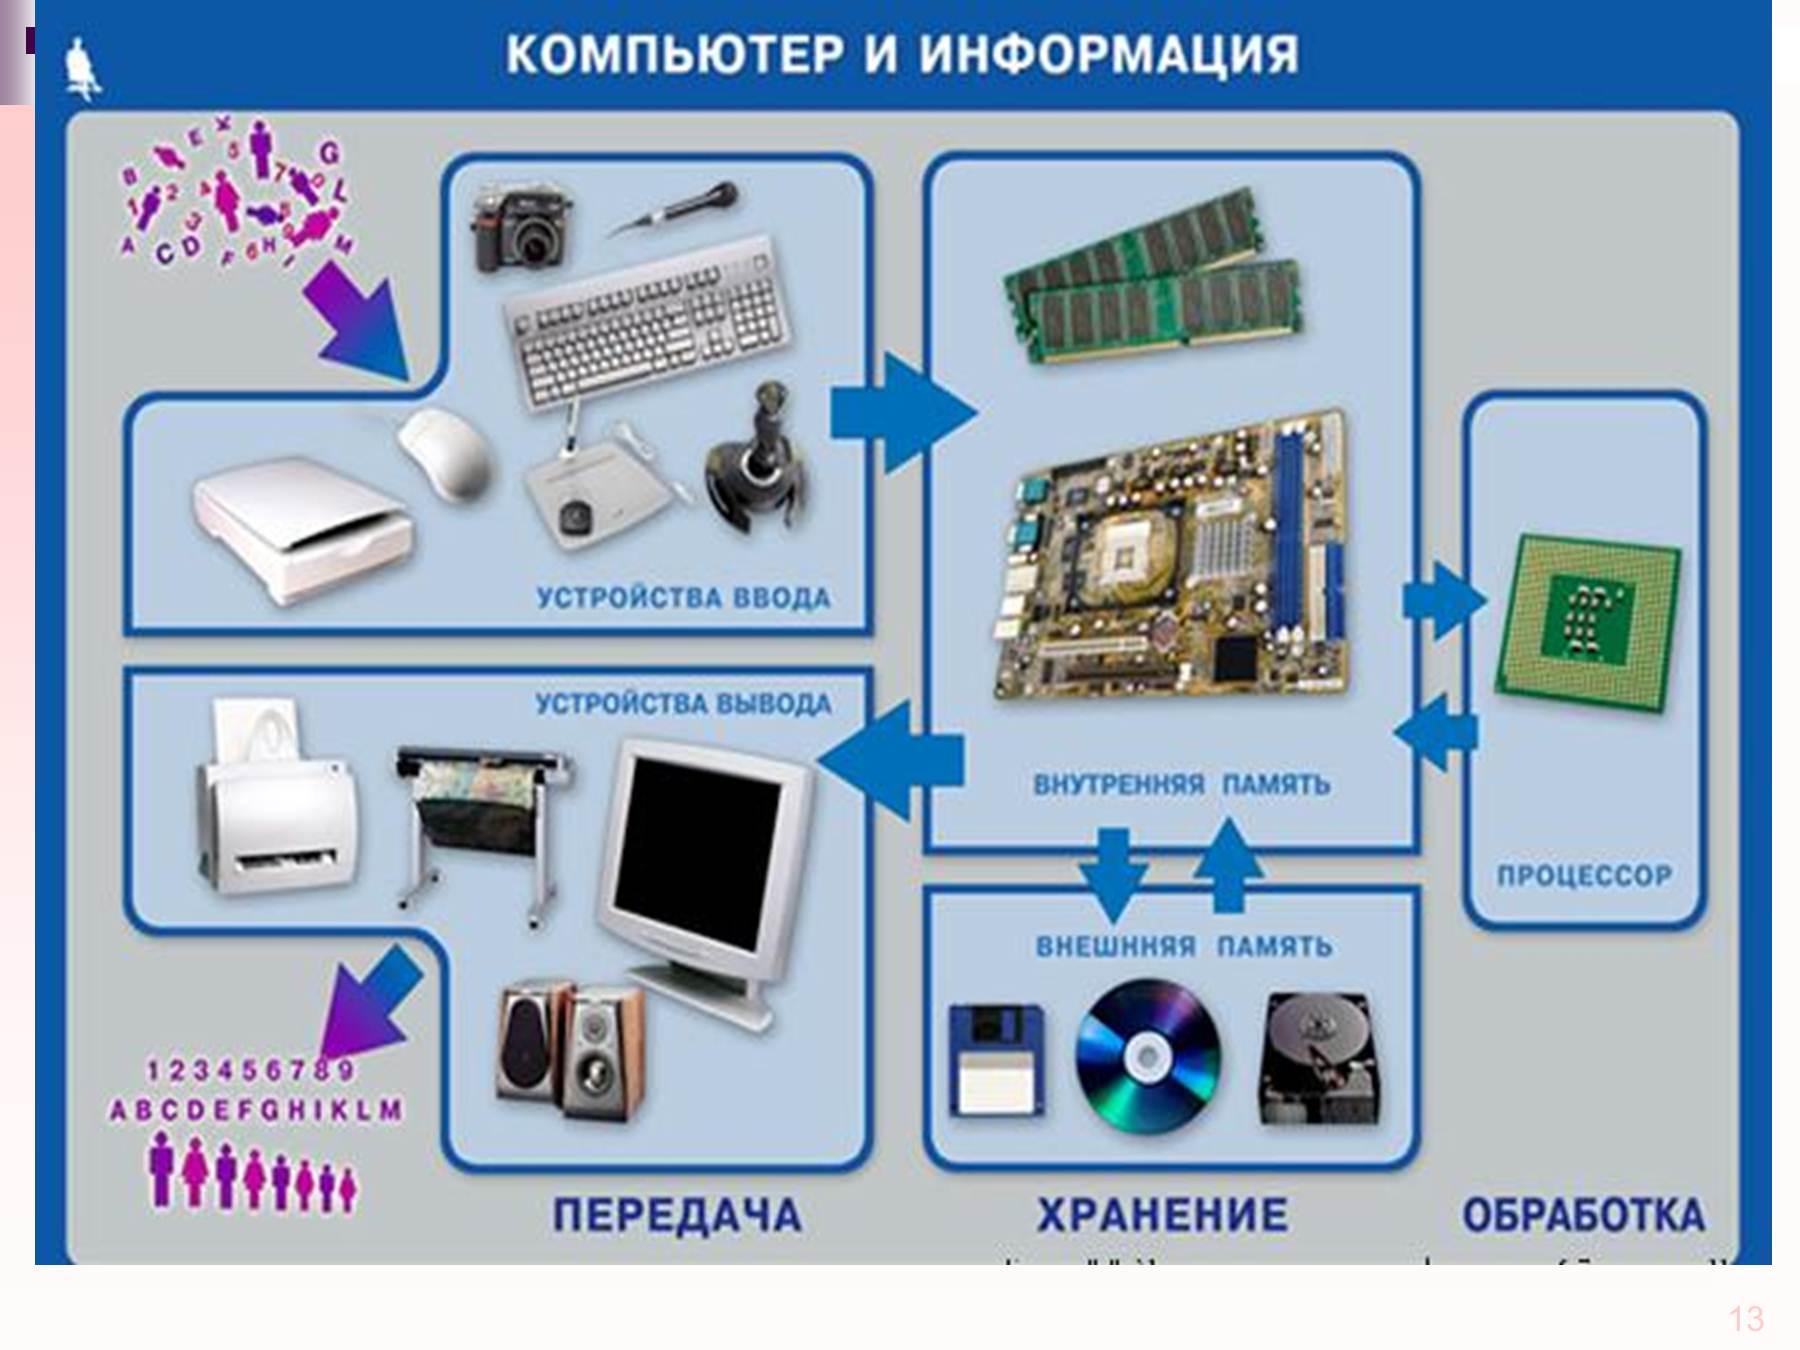 Схема технические средства пк